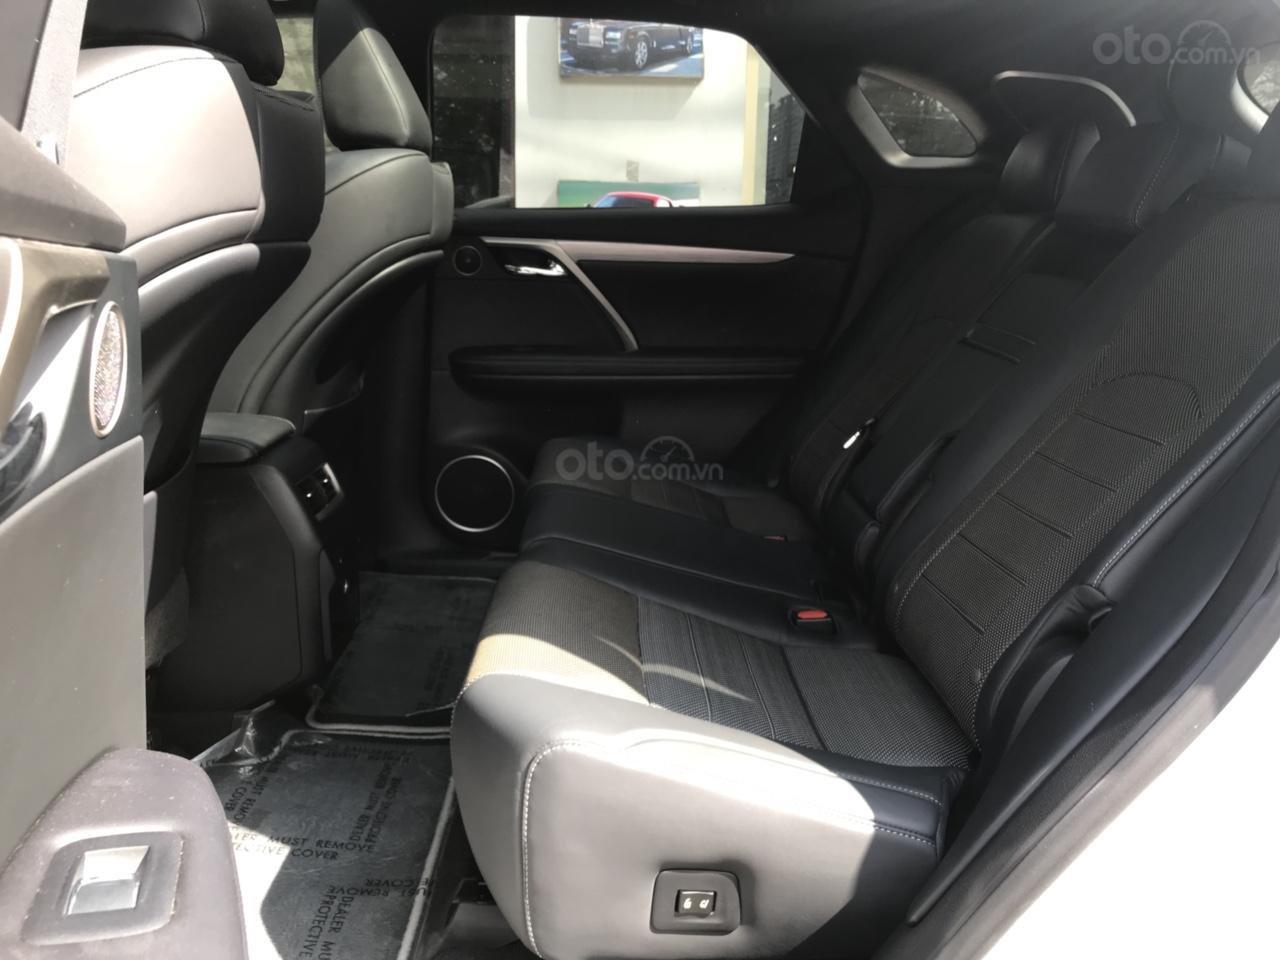 Bán Lexus RX 350 Fsport 2016, màu trắng, xe nhập Mỹ, LH Ms Hương 0945392468 (20)